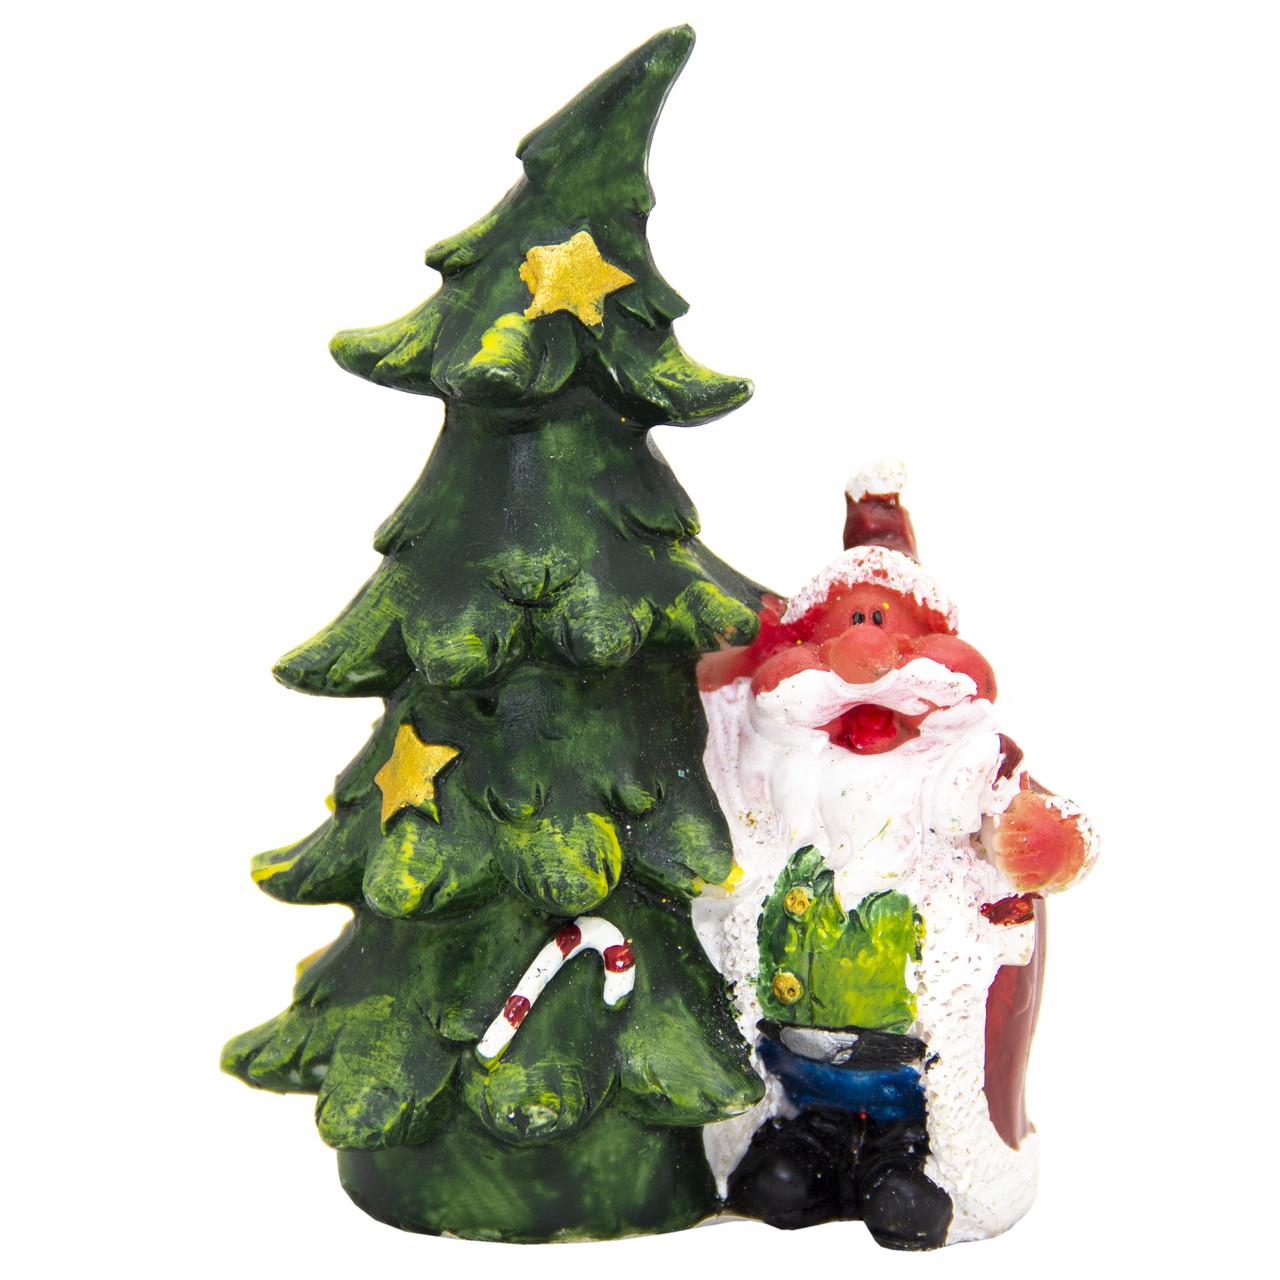 Новогодняя сувенирная фигурка Дед Мороз с елкой слева, 10 см (440528-1)